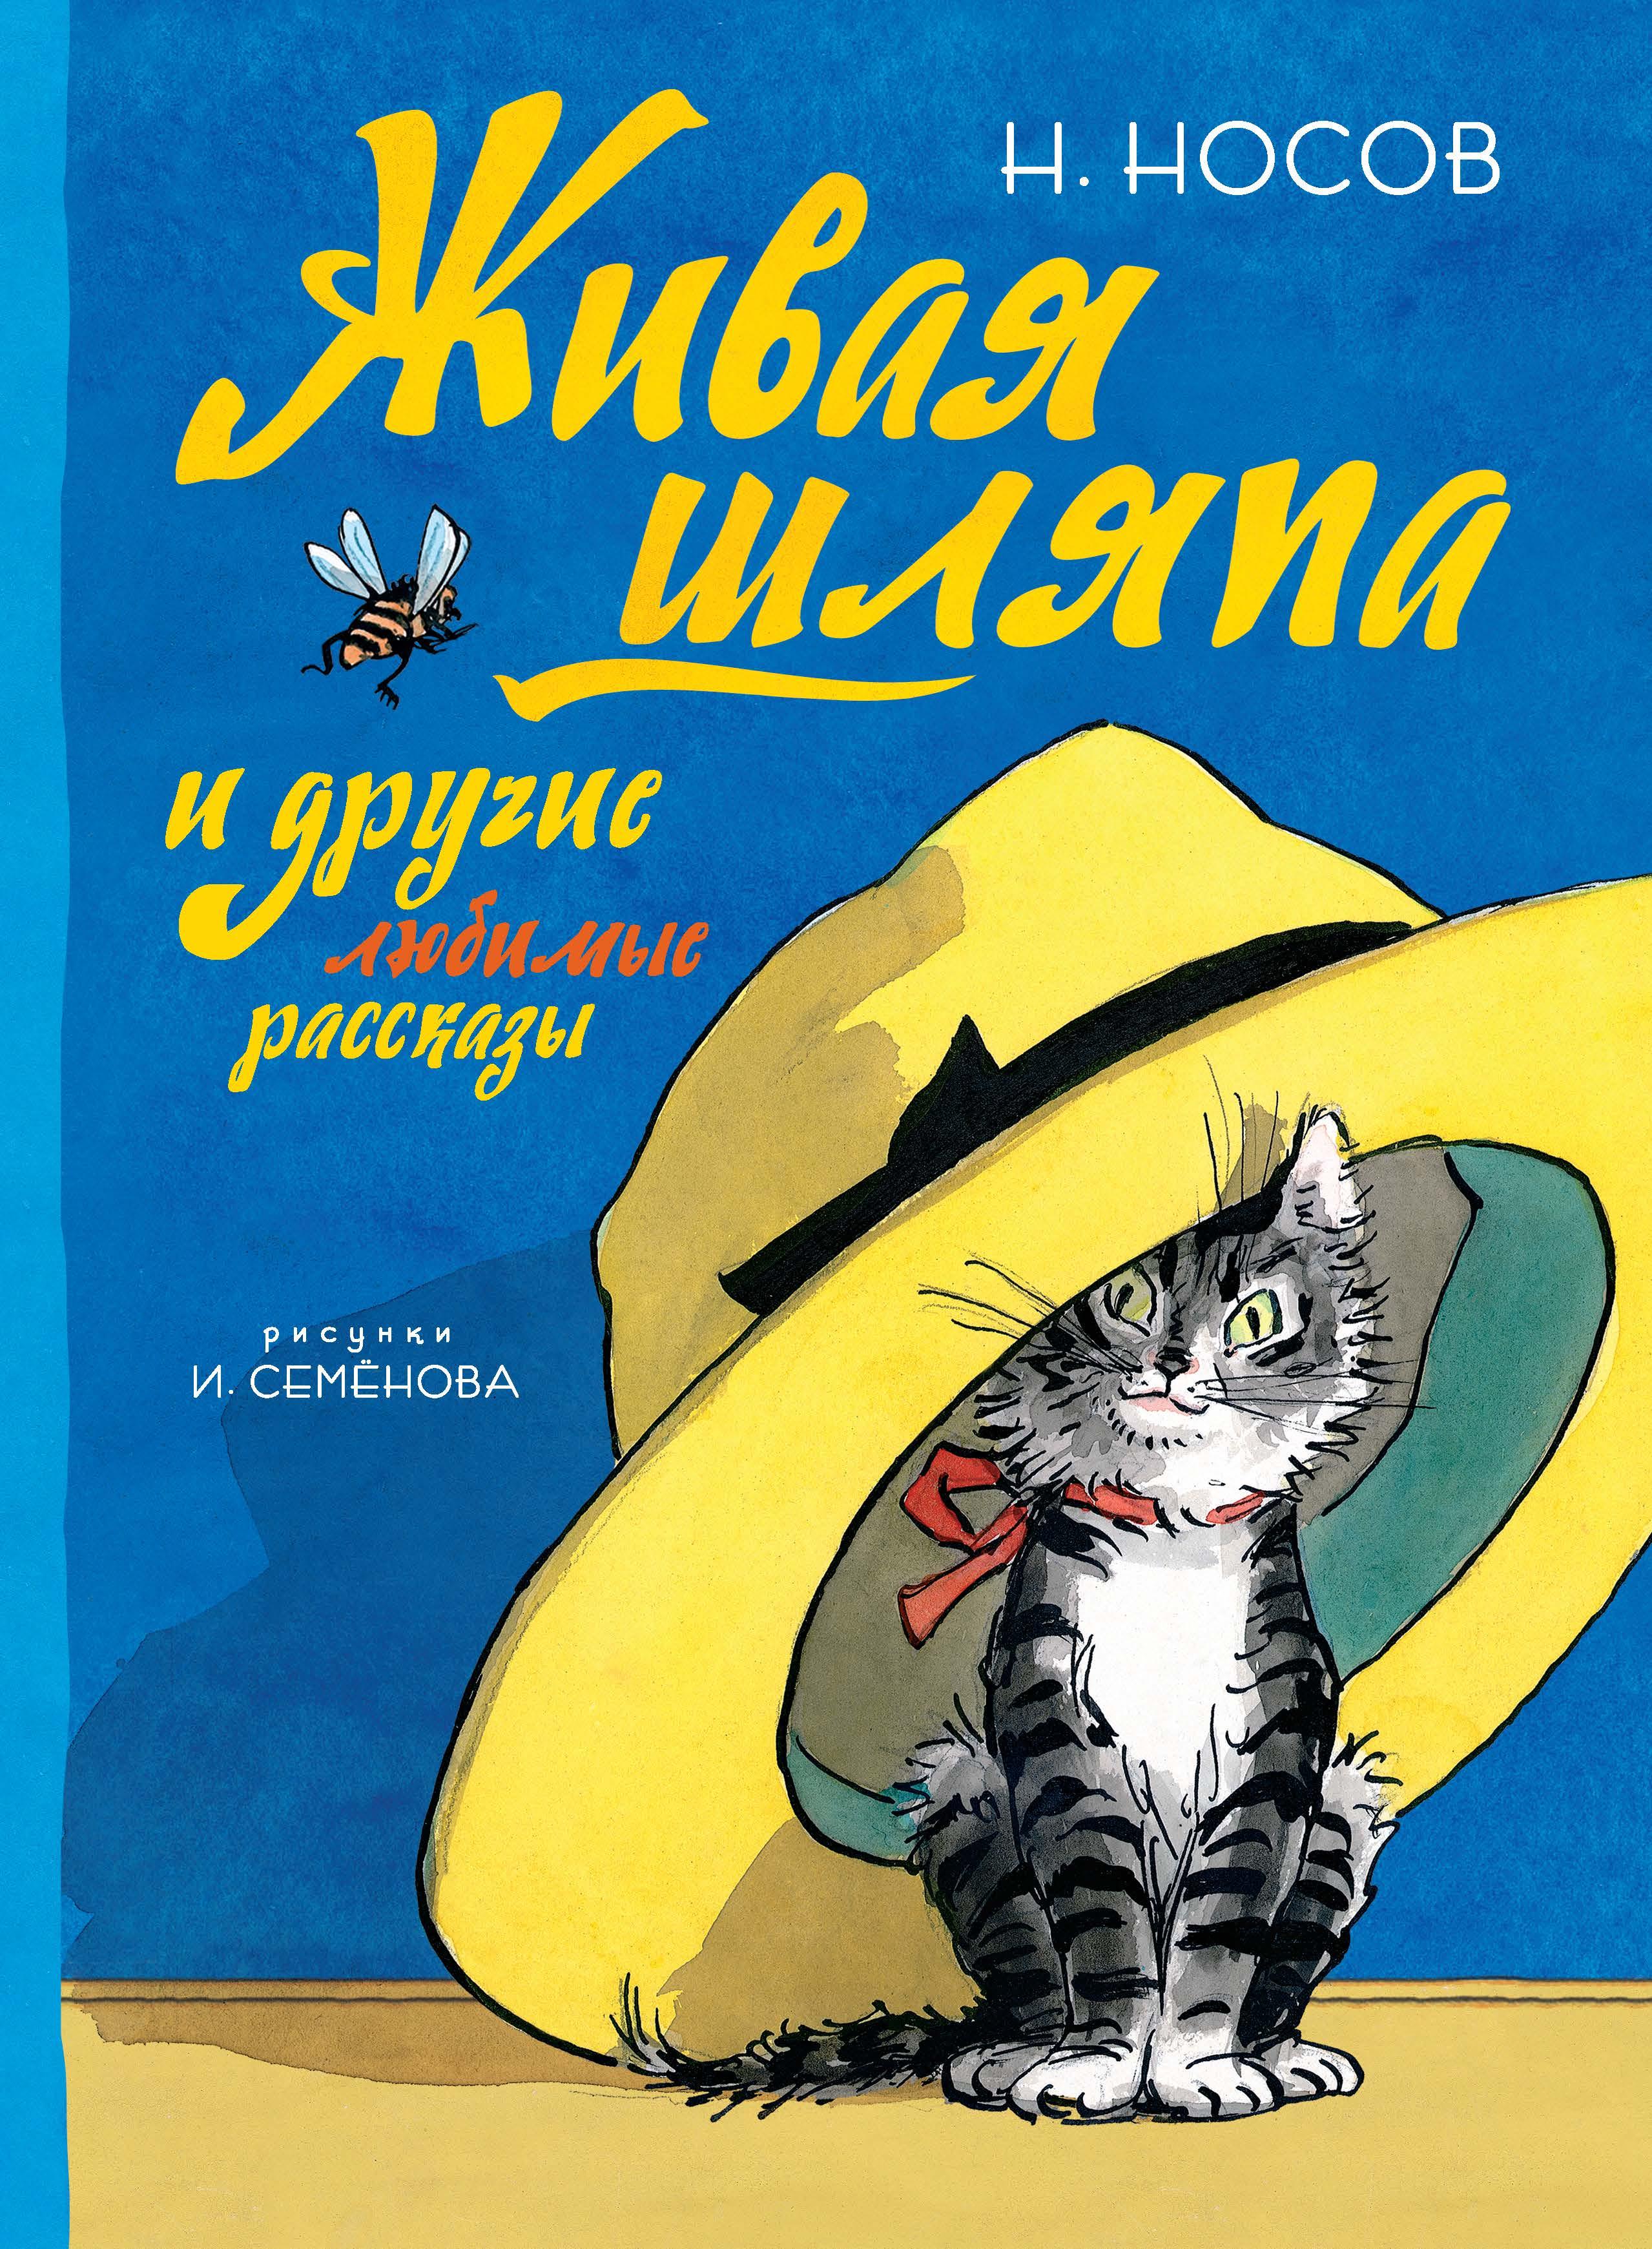 Носов Н. Живая шляпа и другие любимые рассказы (Рисунки И. Семенова)